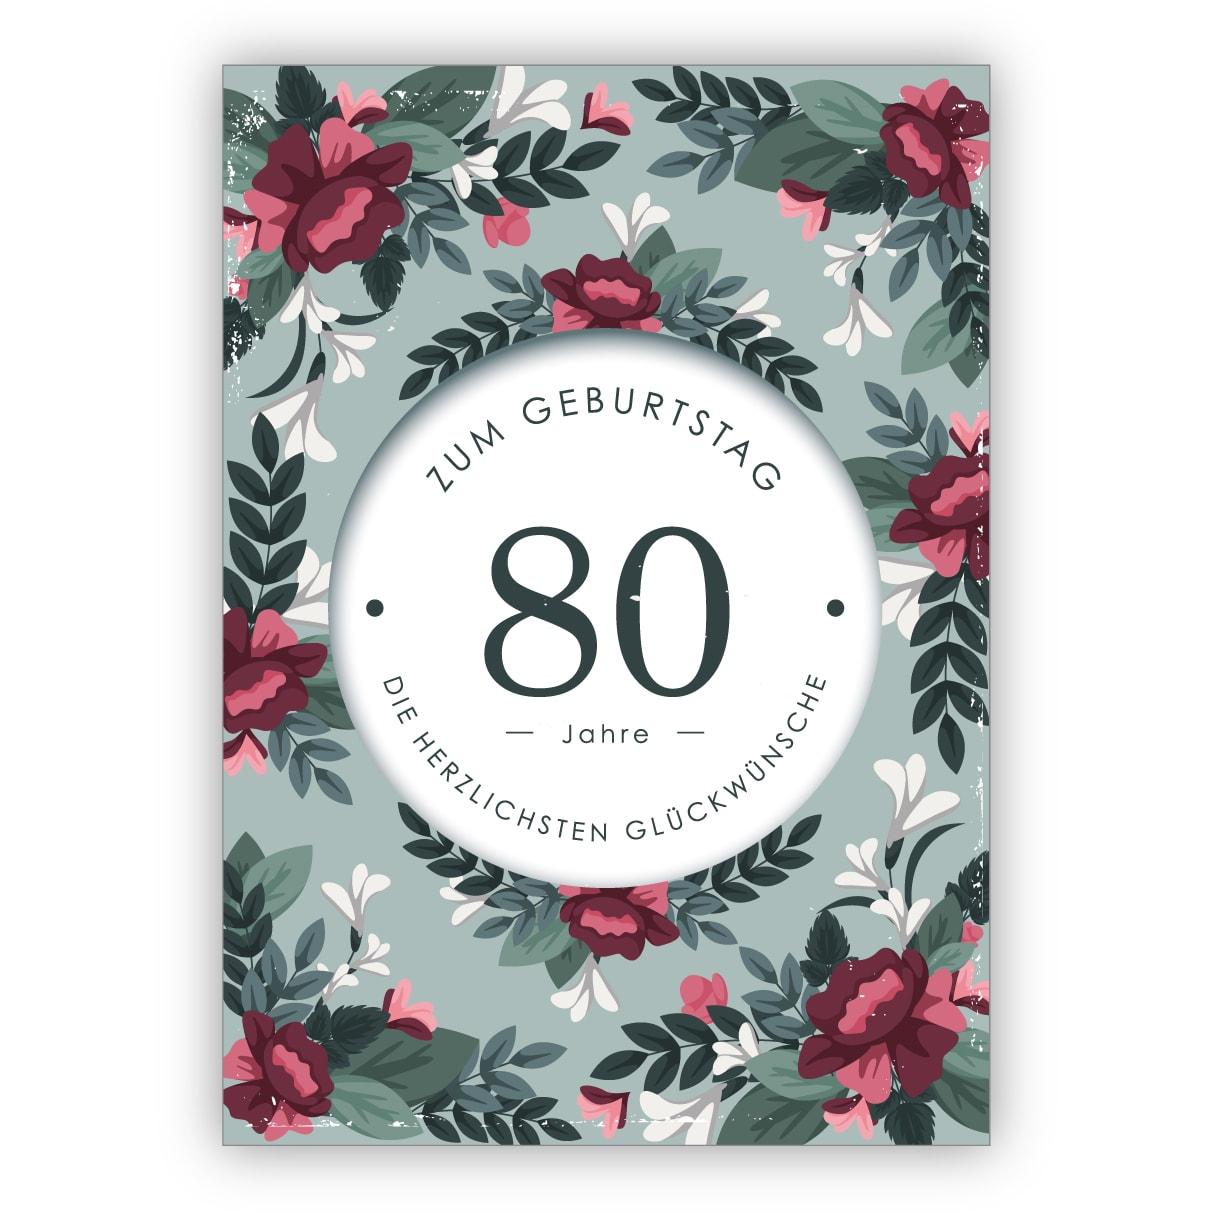 80 Geburtstag Karte Grusskarte Kalender Viel Text Foliendruck